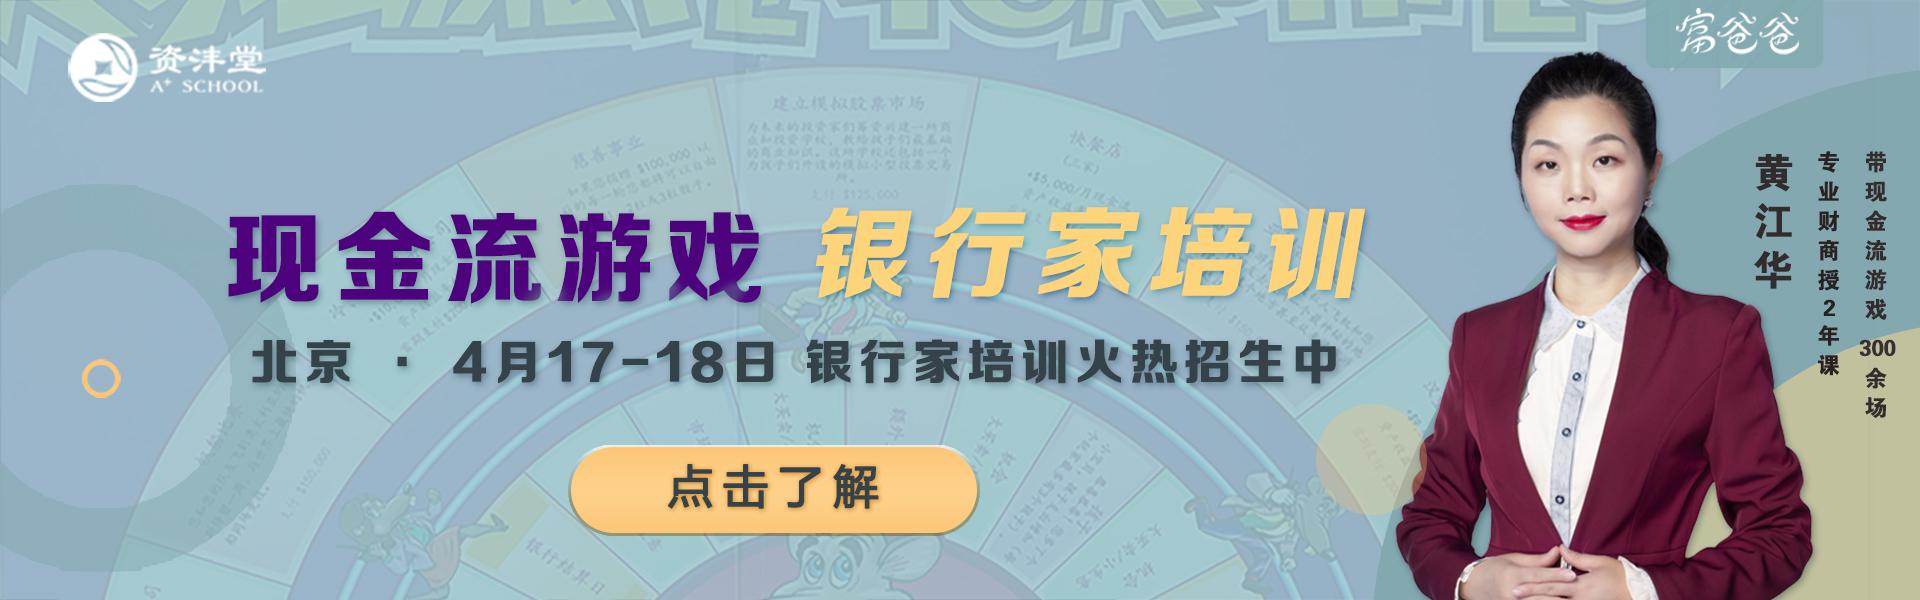 【北京·4月17-18日】资沣堂现金流游戏银行家培训